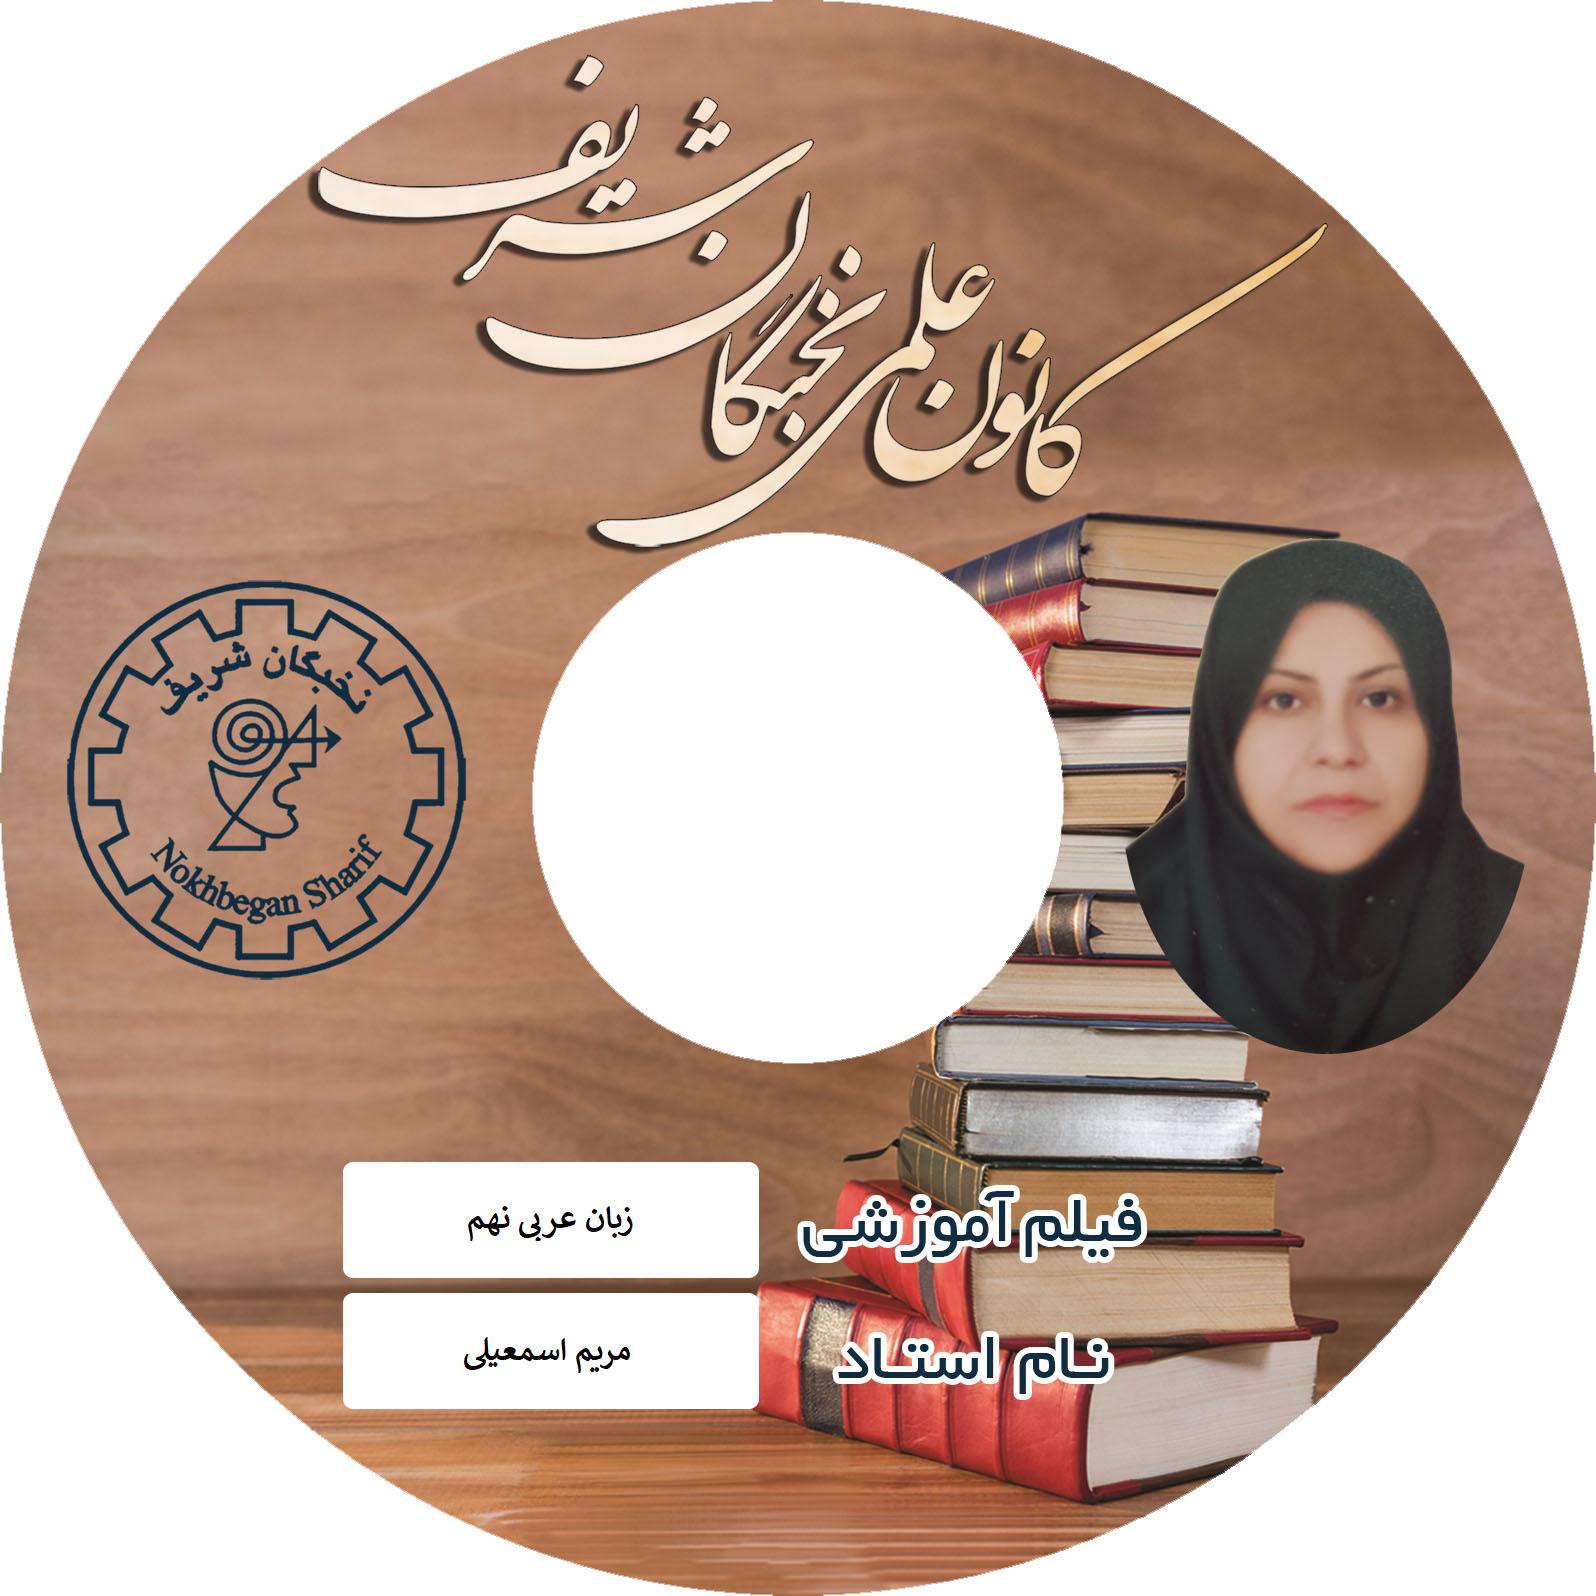 آموزش تصویری زبان عربی نهم نشر نخبگان شریف